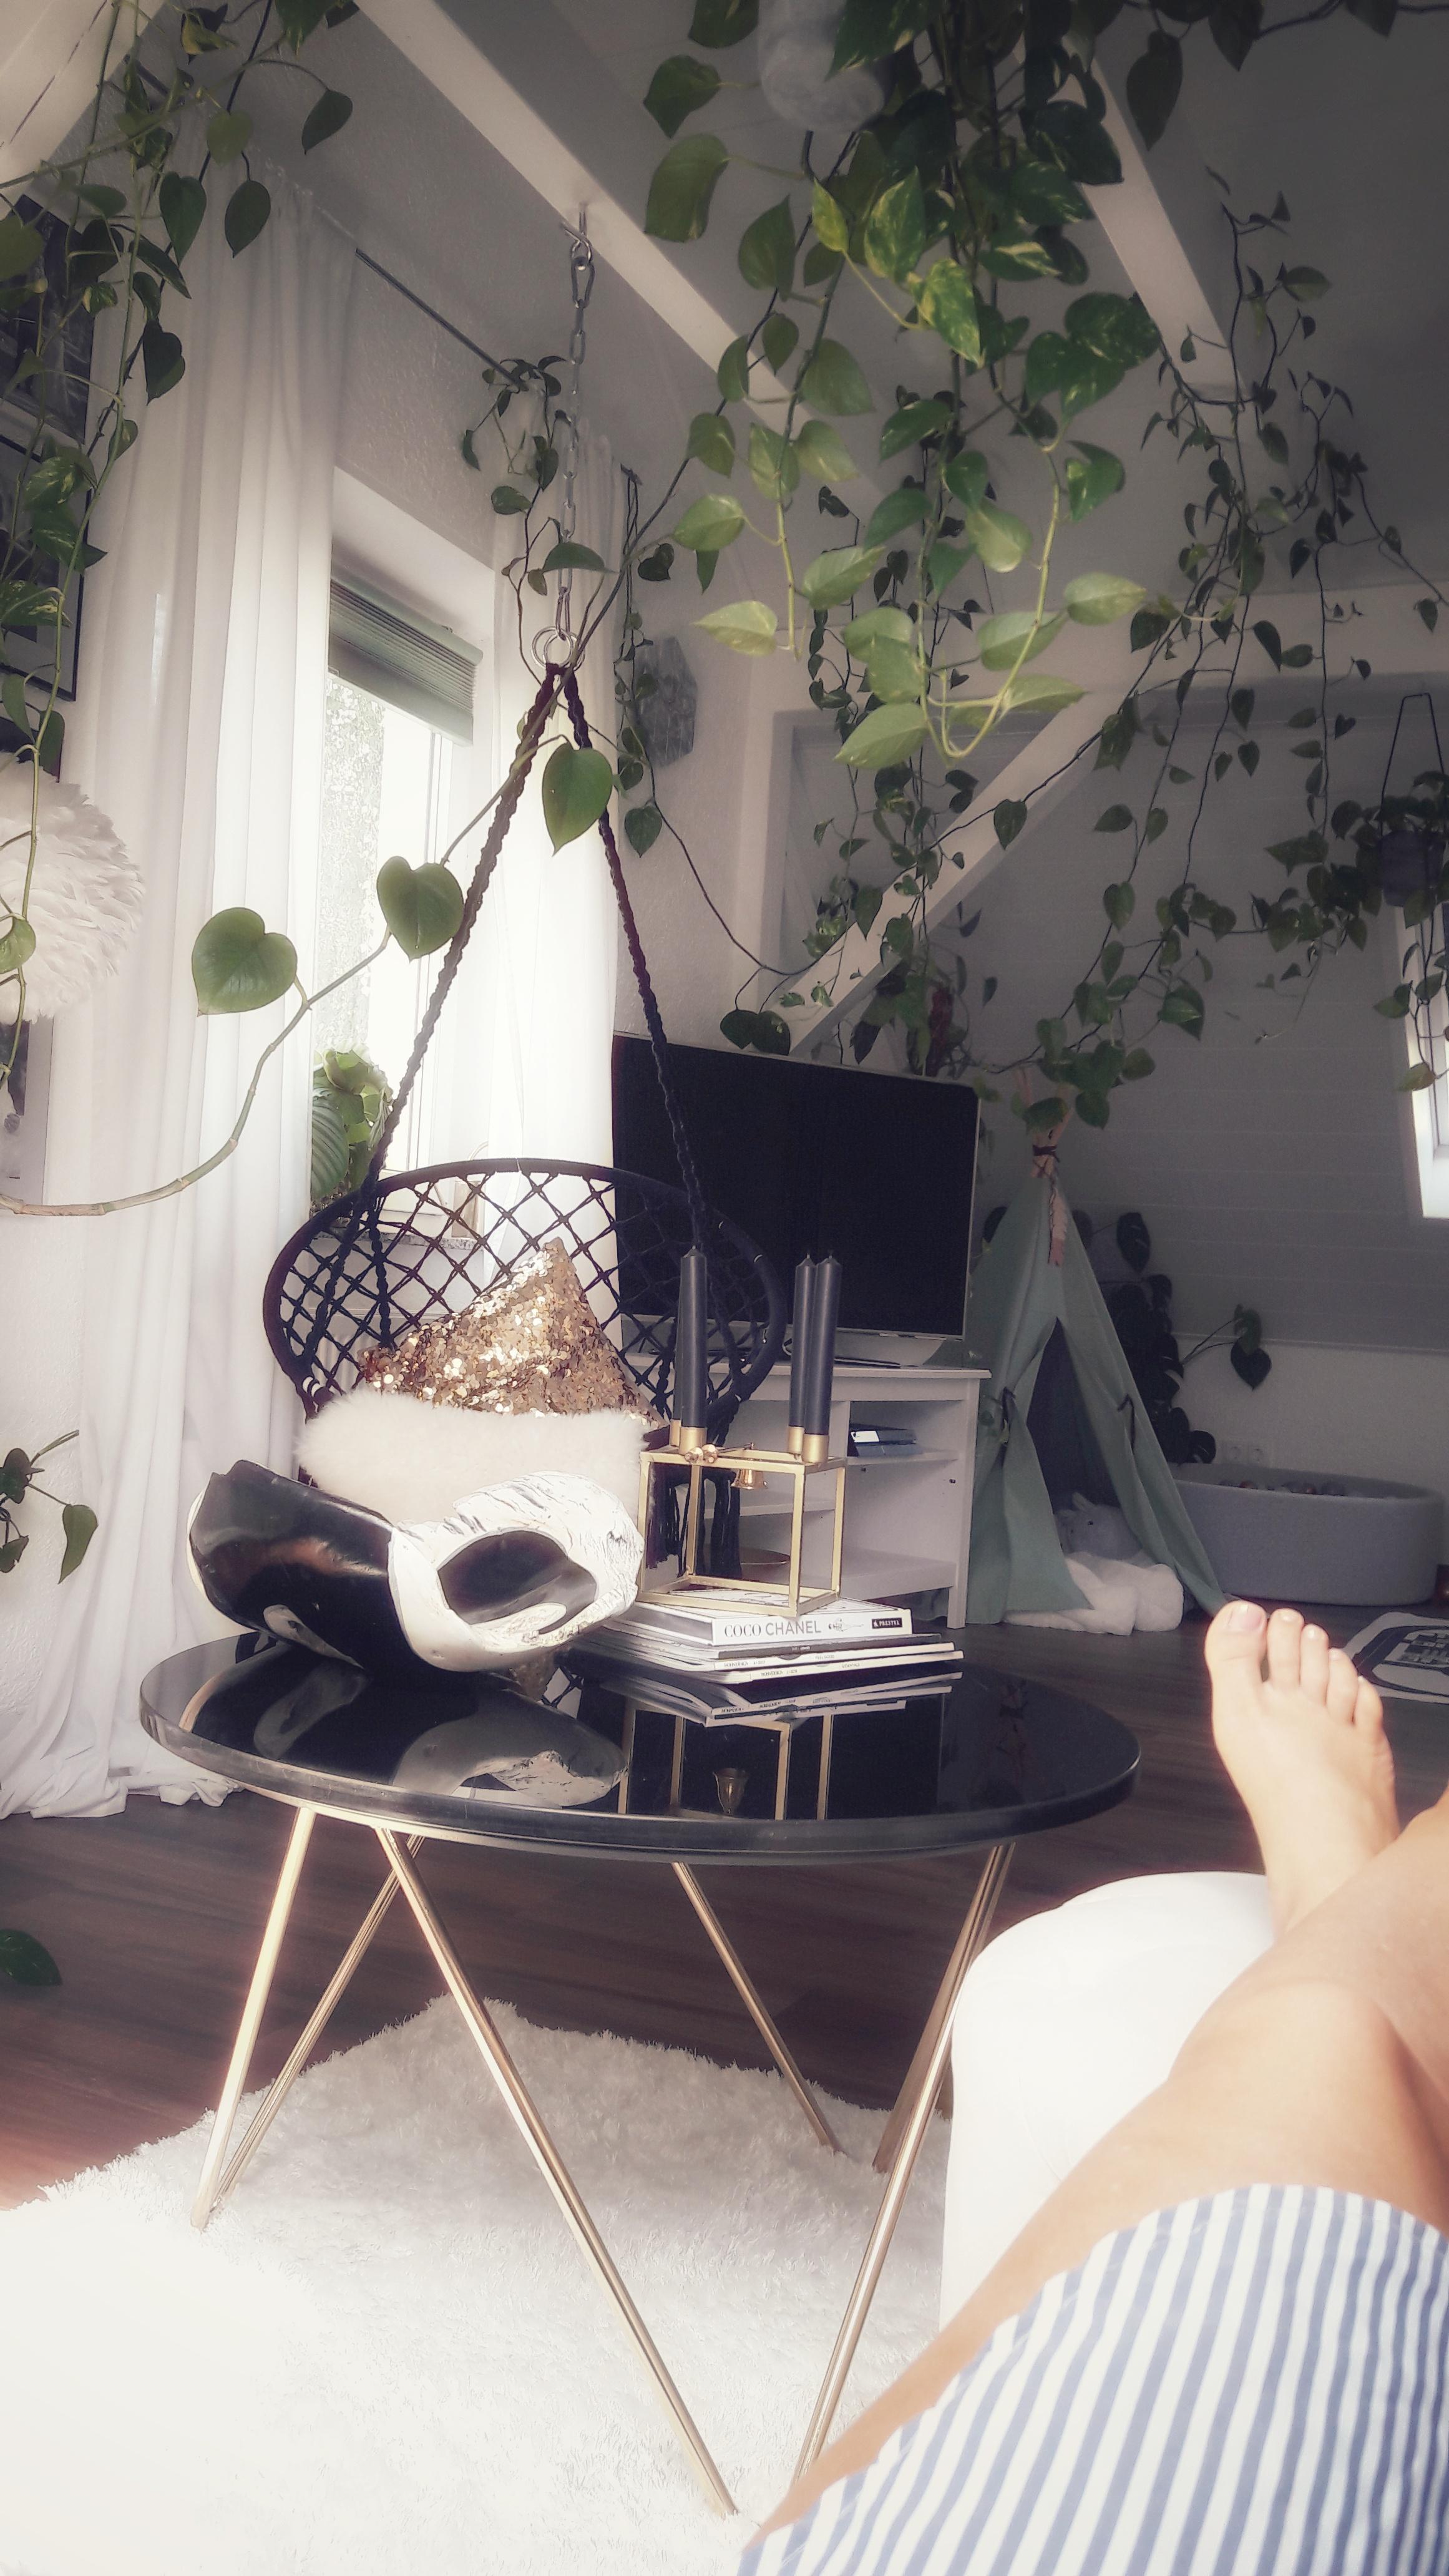 Dachgeschoss bilder ideen couch for Wohnzimmer marmortisch